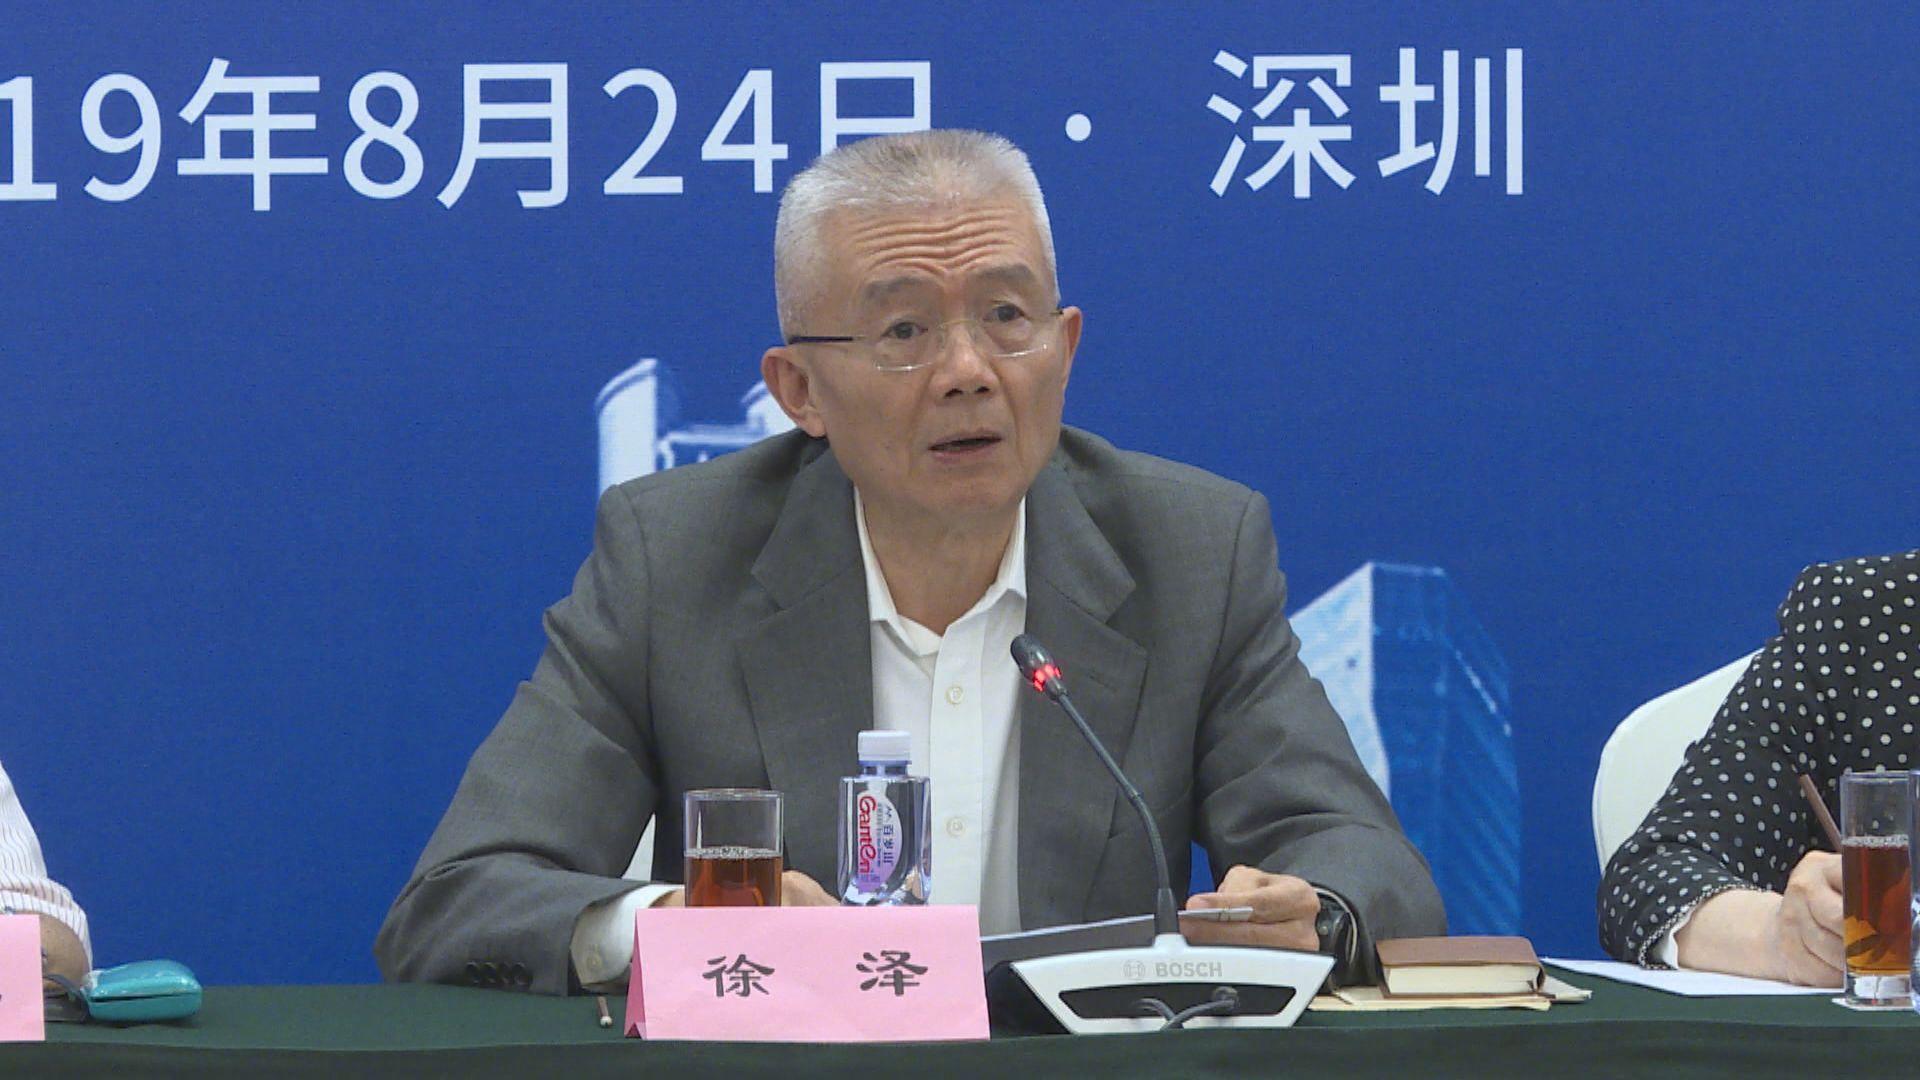 徐澤撰文反駁李國能就特首指定法官損司法獨立言論